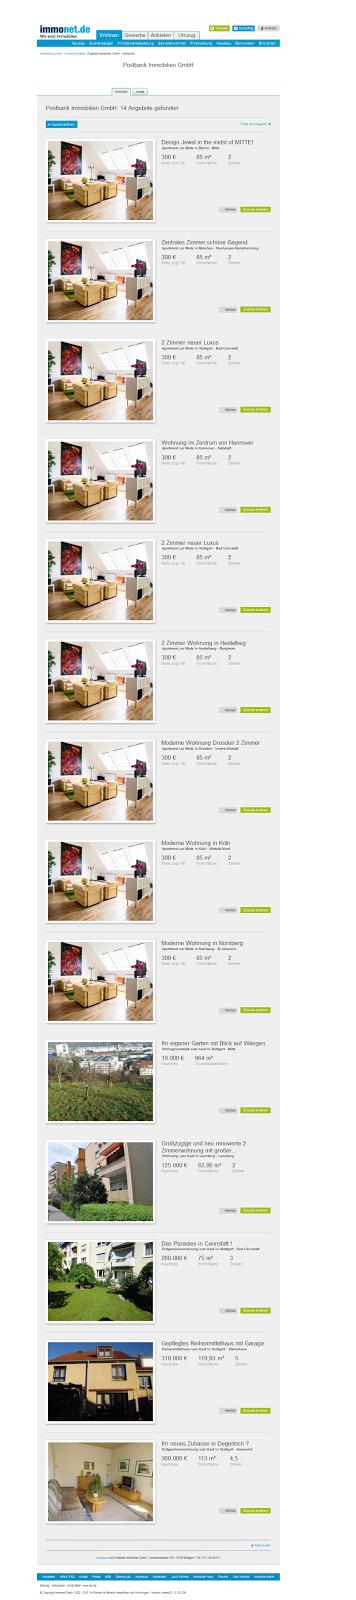 michealdesmond alias micheal desmond mit answerinbox. Black Bedroom Furniture Sets. Home Design Ideas